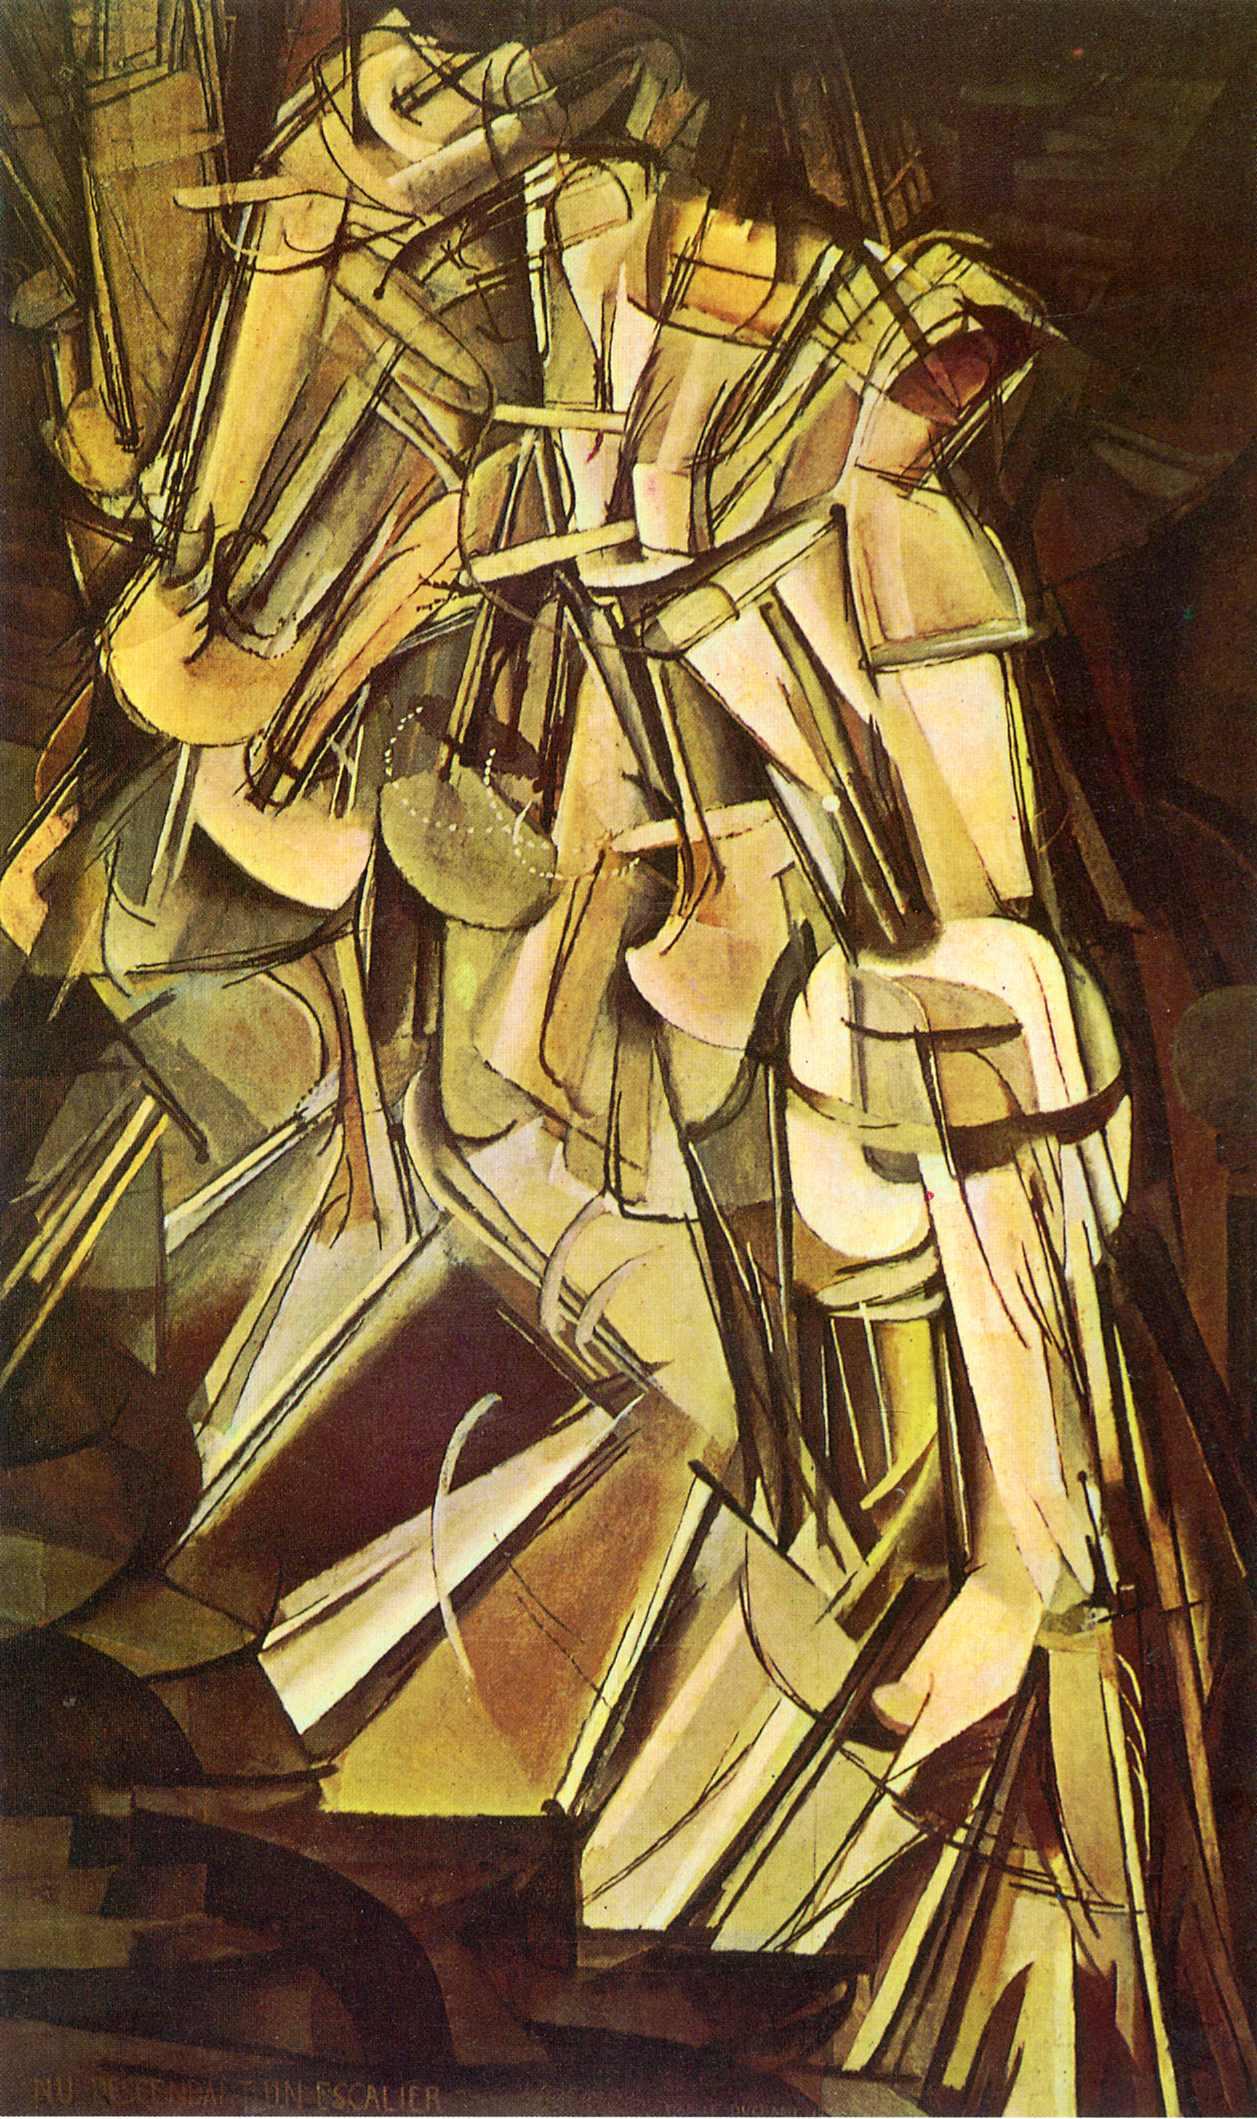 nude-descending-a-staircase-no-2-1912.jpg